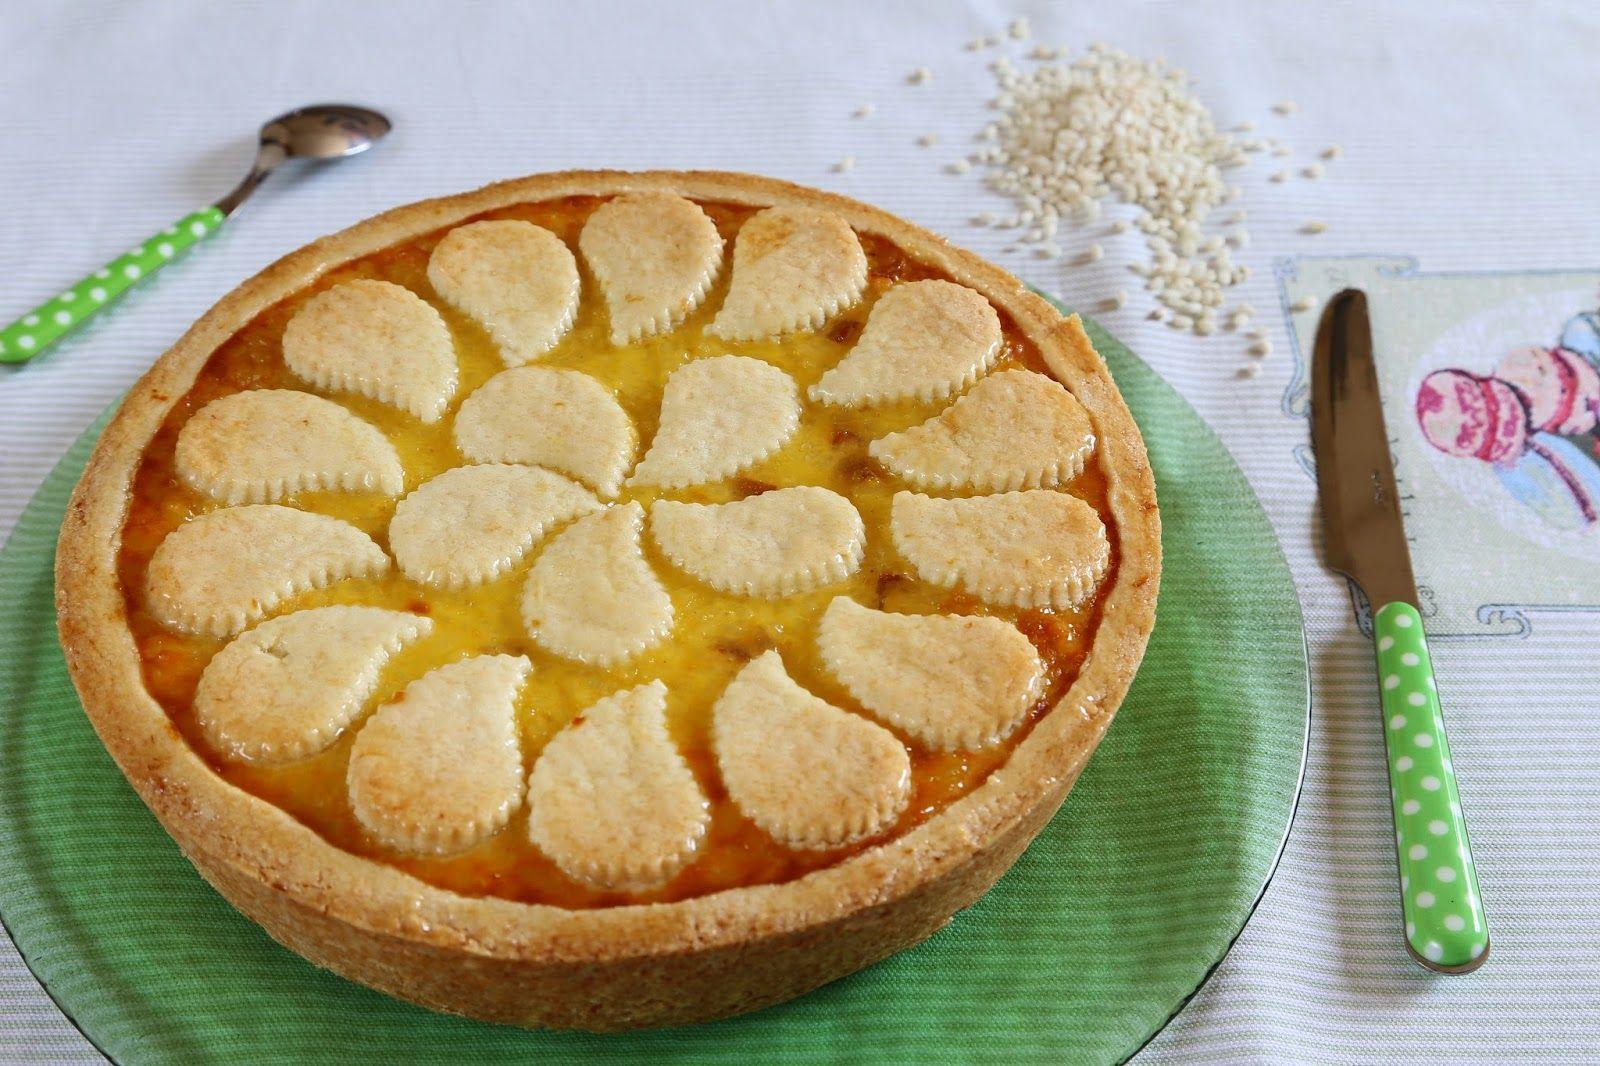 Torte Da Credenza Montersino : Biscotti gelati al cacao di luca montersino ricette frutta